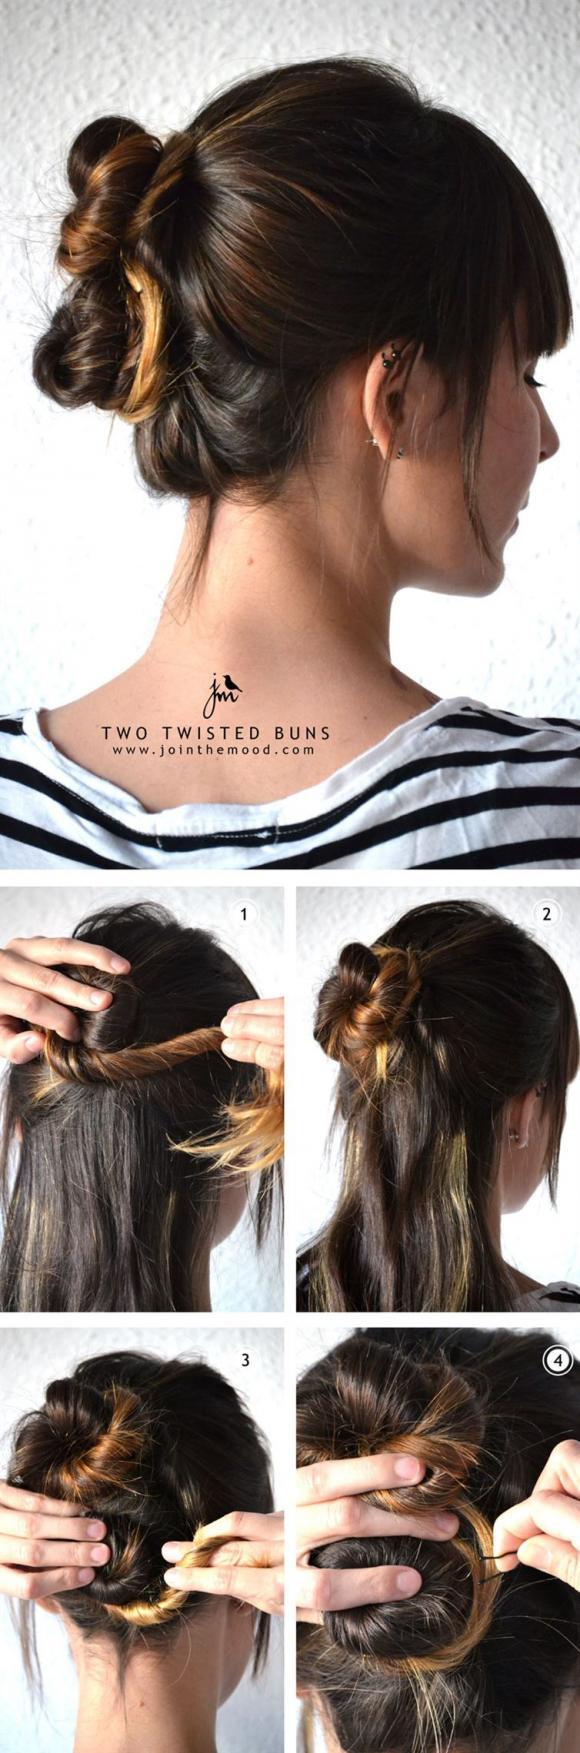 kiểu tóc 5 phút cho buổi sáng bận rộn 1 8